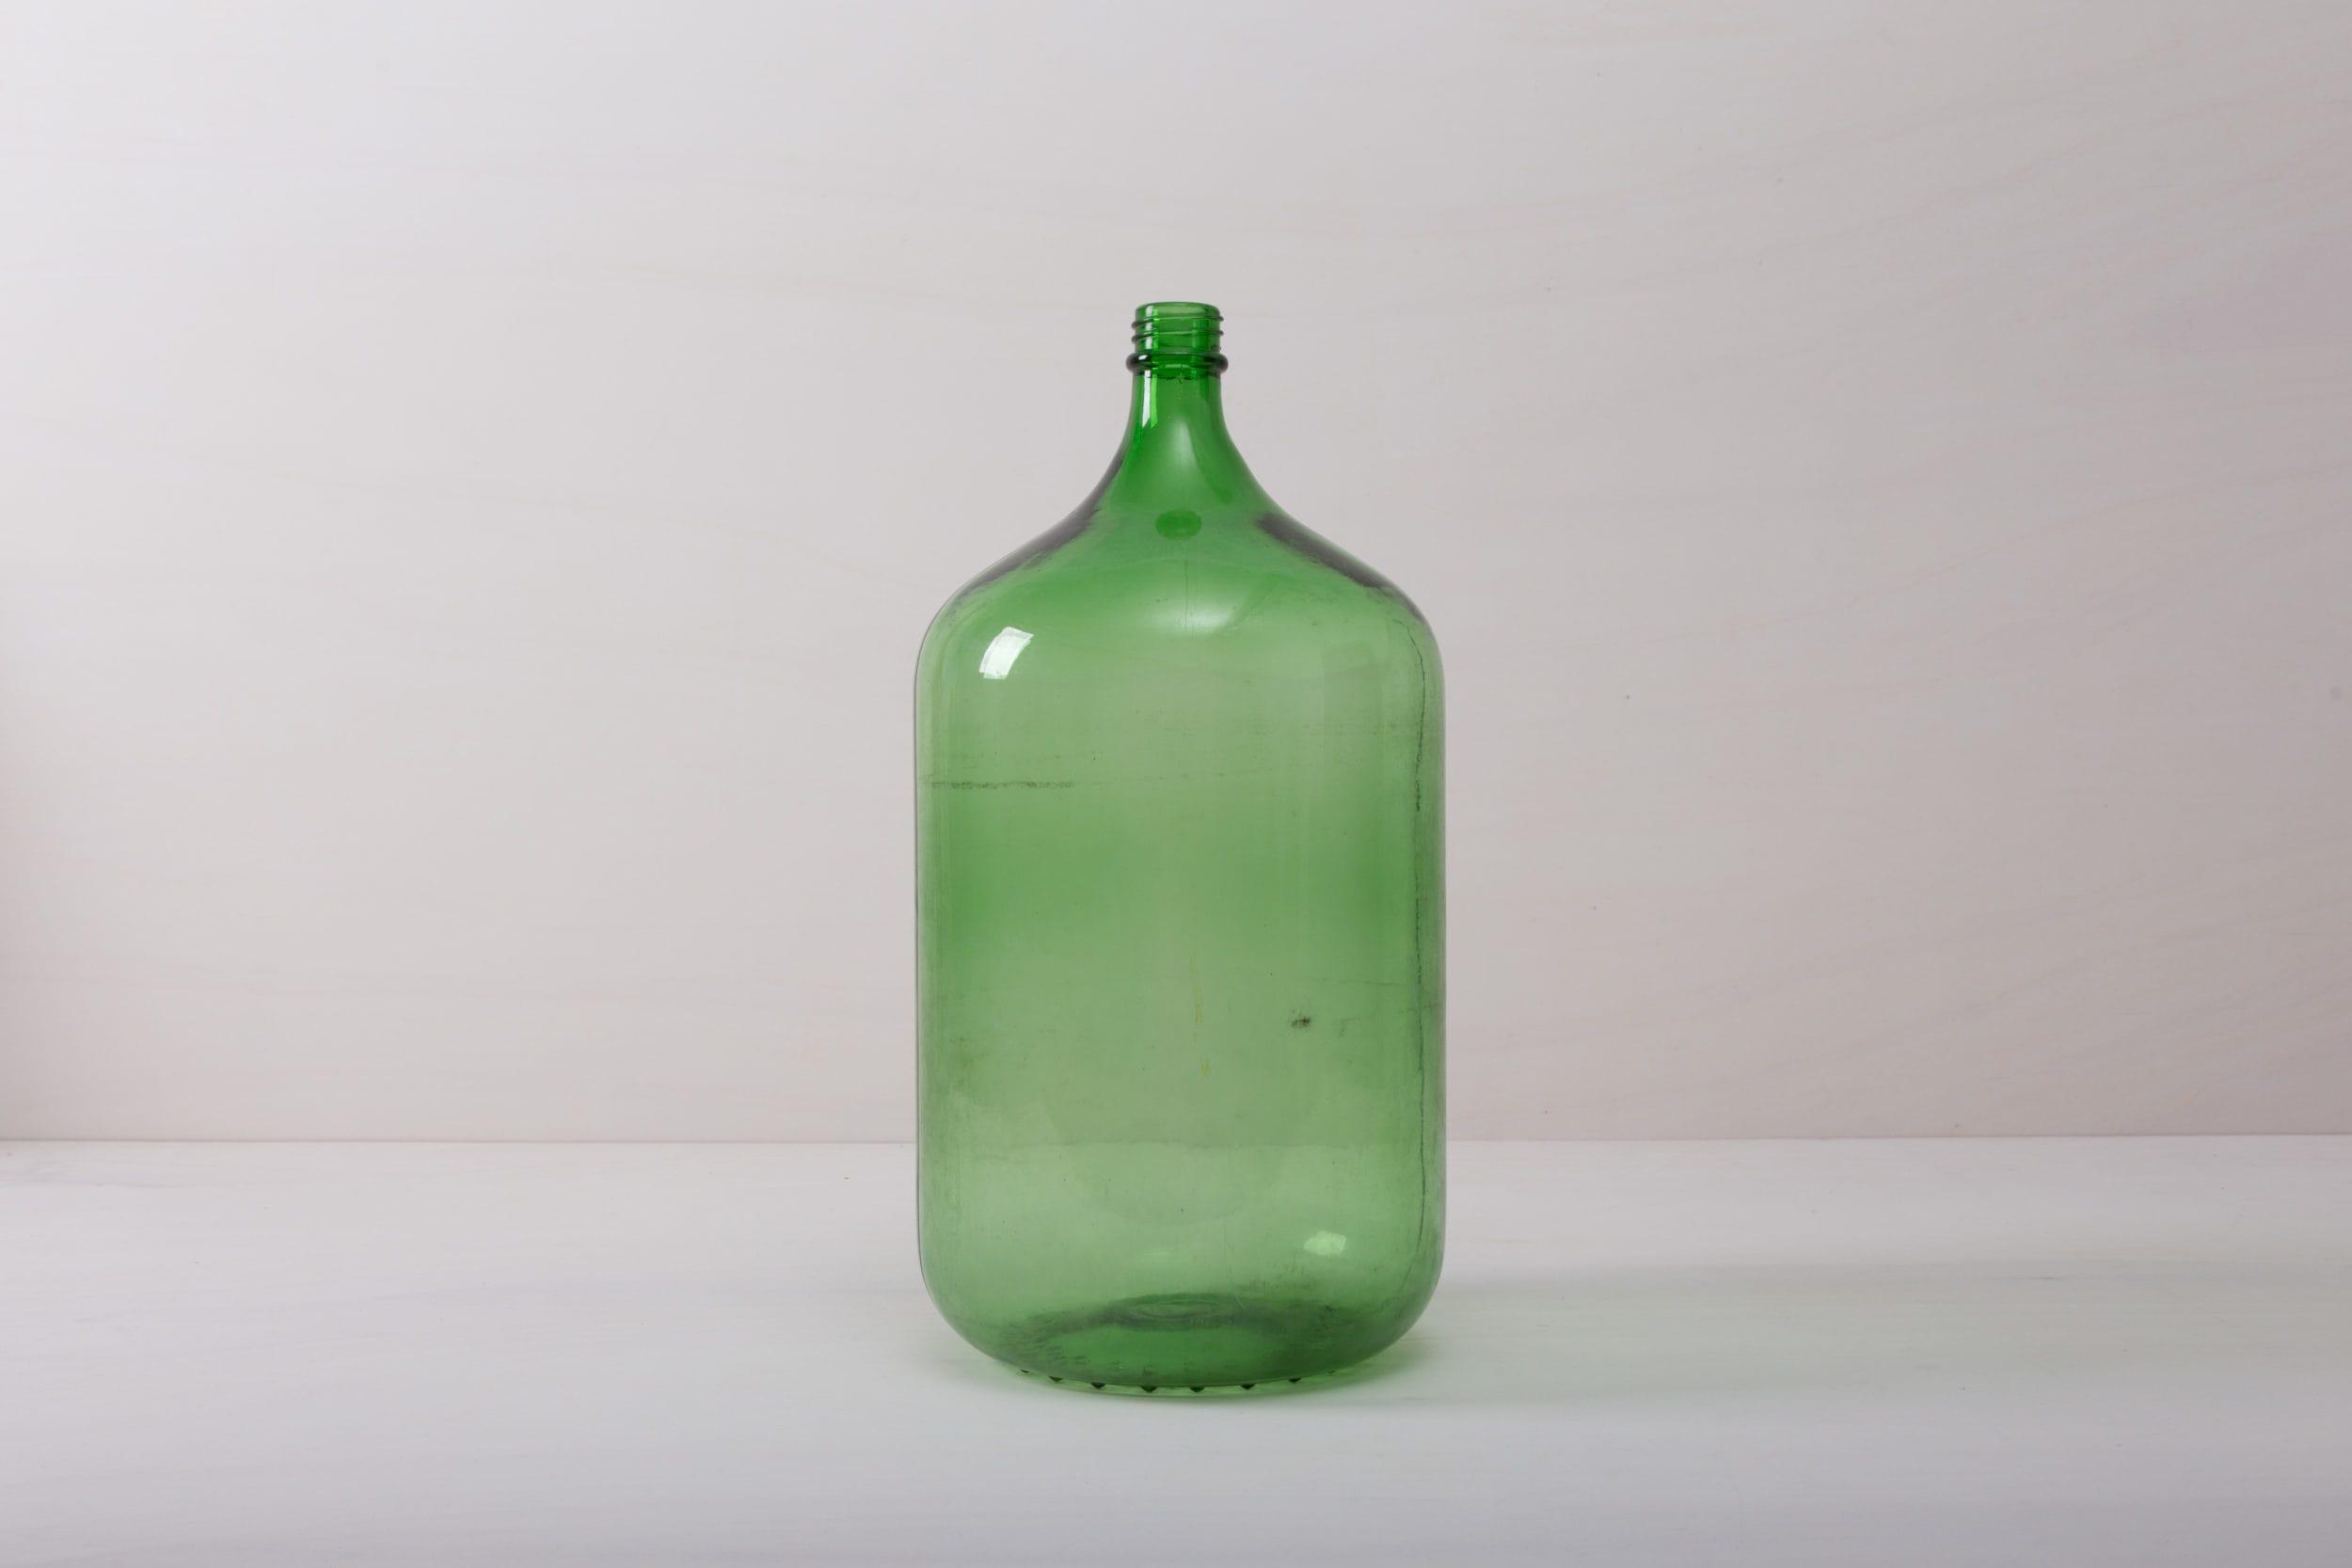 Glasvase grün mieten.